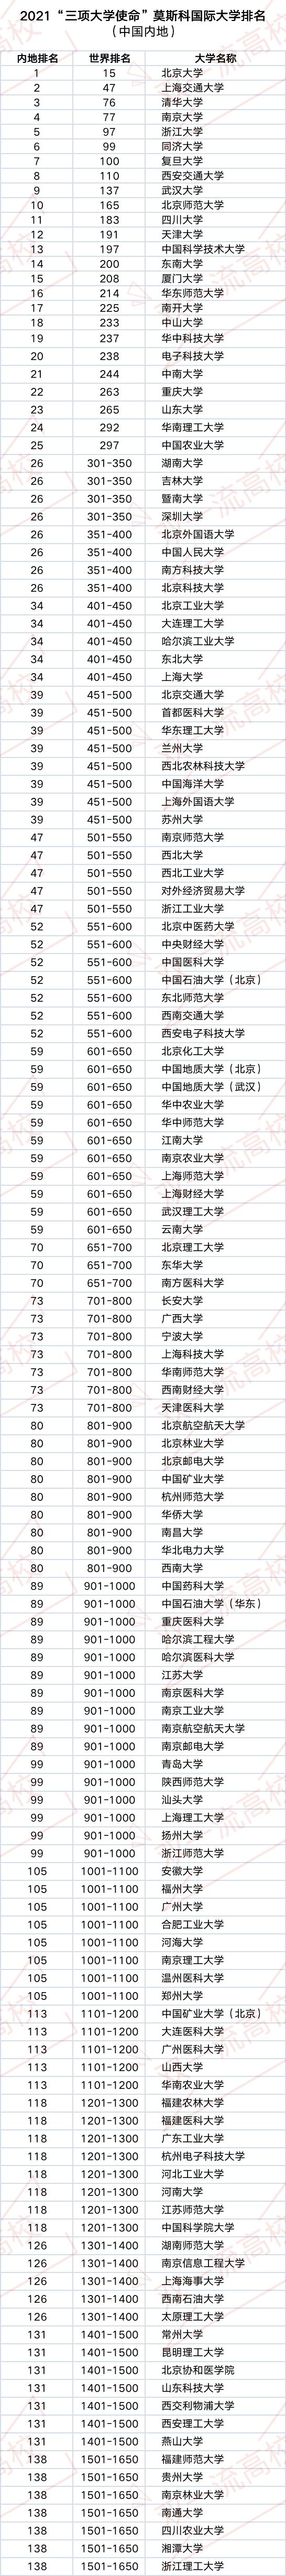 世界高校排行_2022泰晤士世界大学排名发布!中国147所高校上榜!